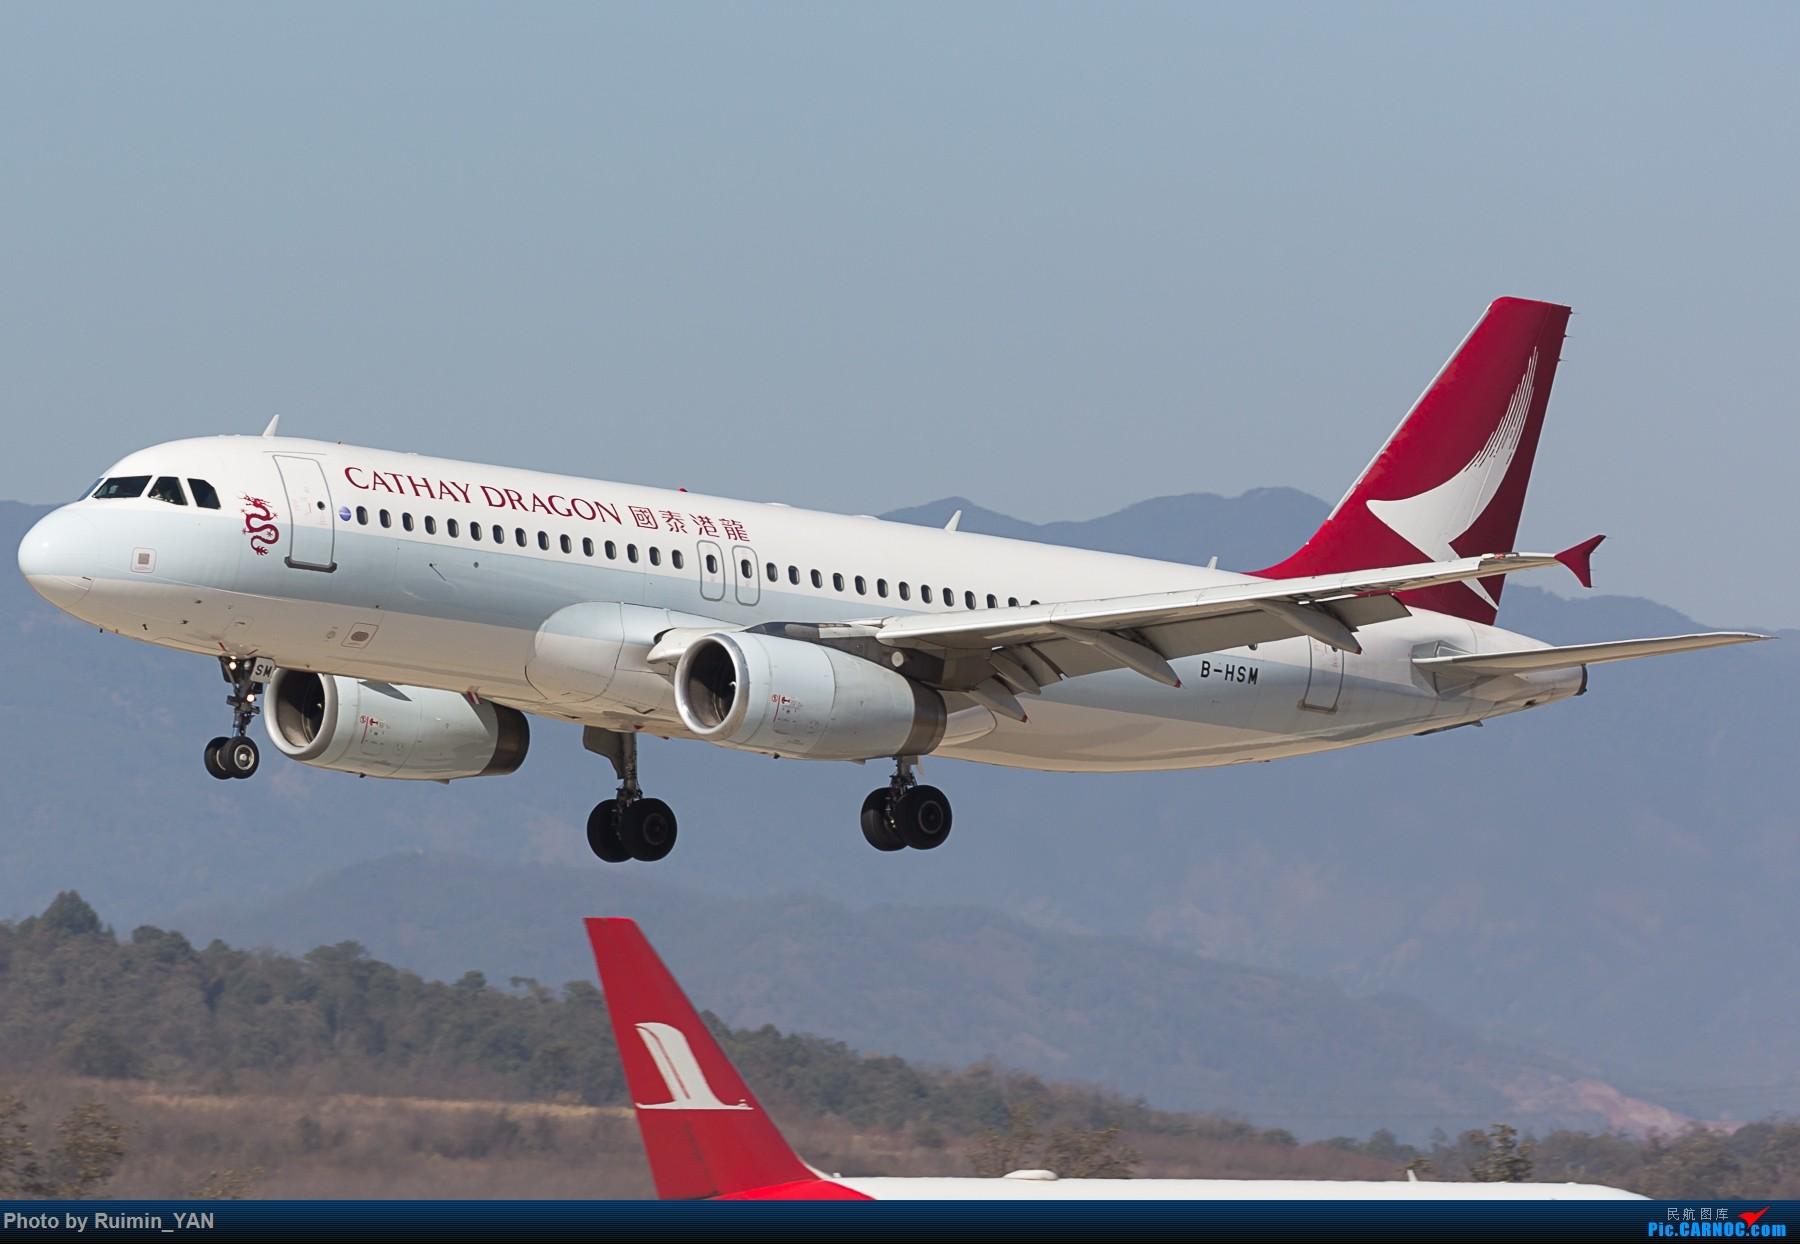 【KMG】国泰港龙航空(Cathay Dragon) 红烧鱼翅 B-HSM A320 AIRBUS A320-200 B-HSM 中国昆明长水国际机场